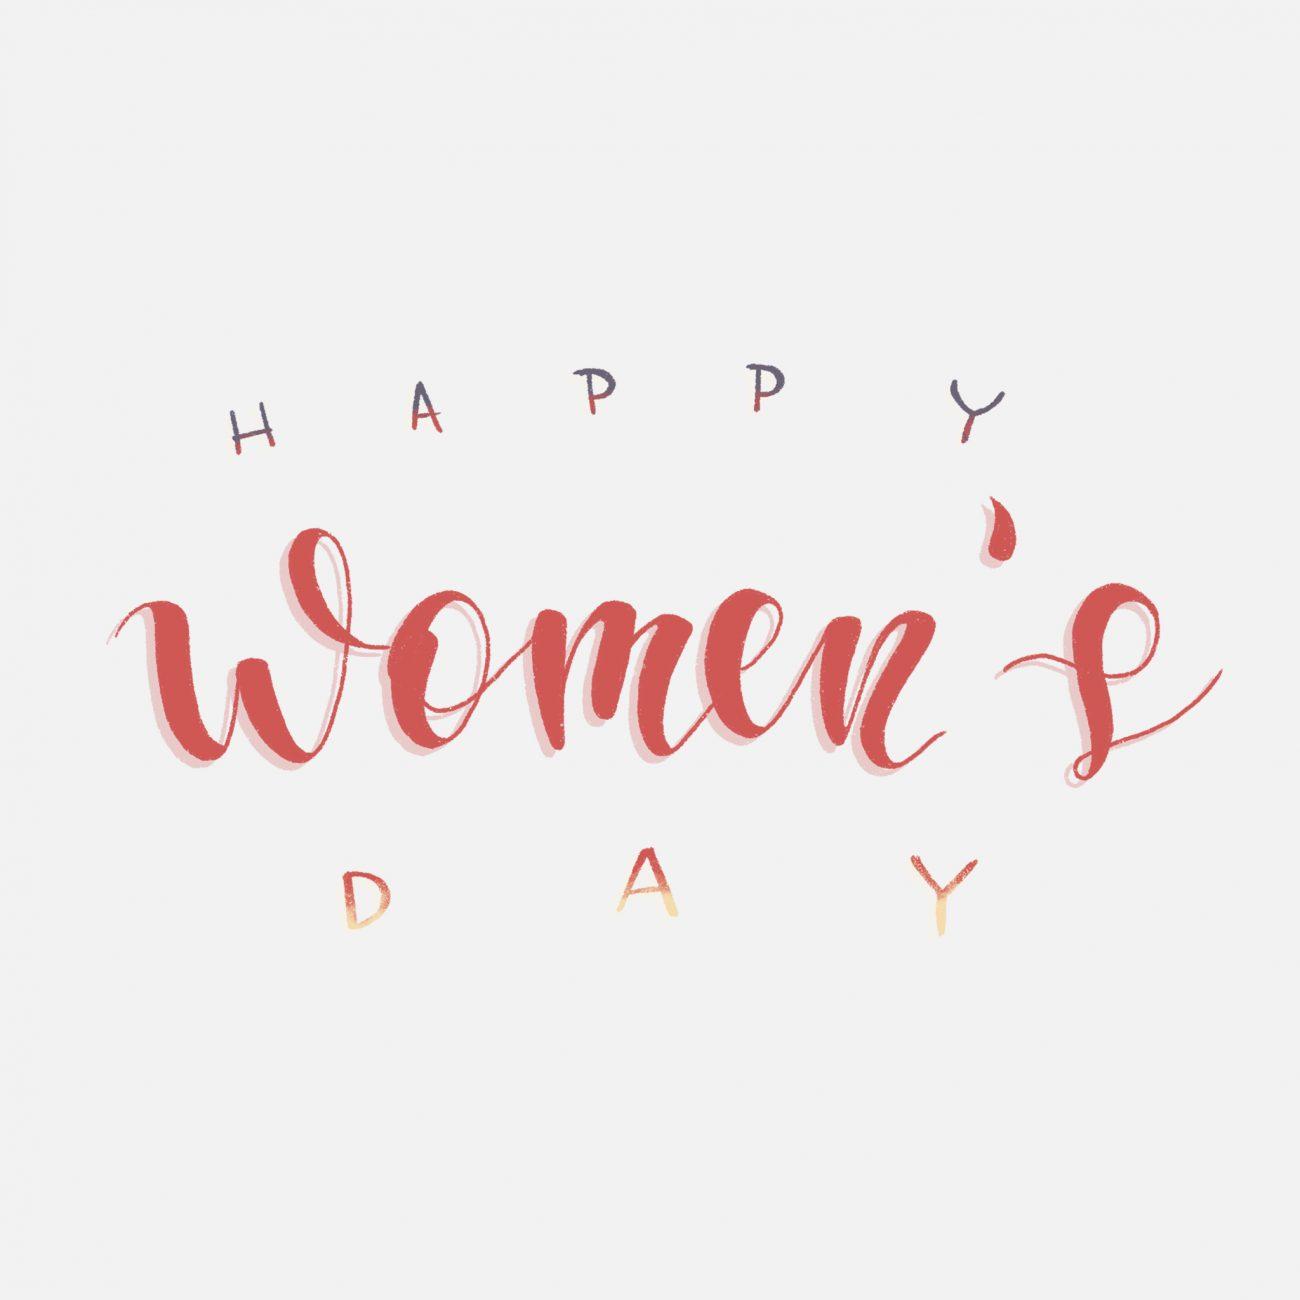 Lettering - Happy Women's Day!